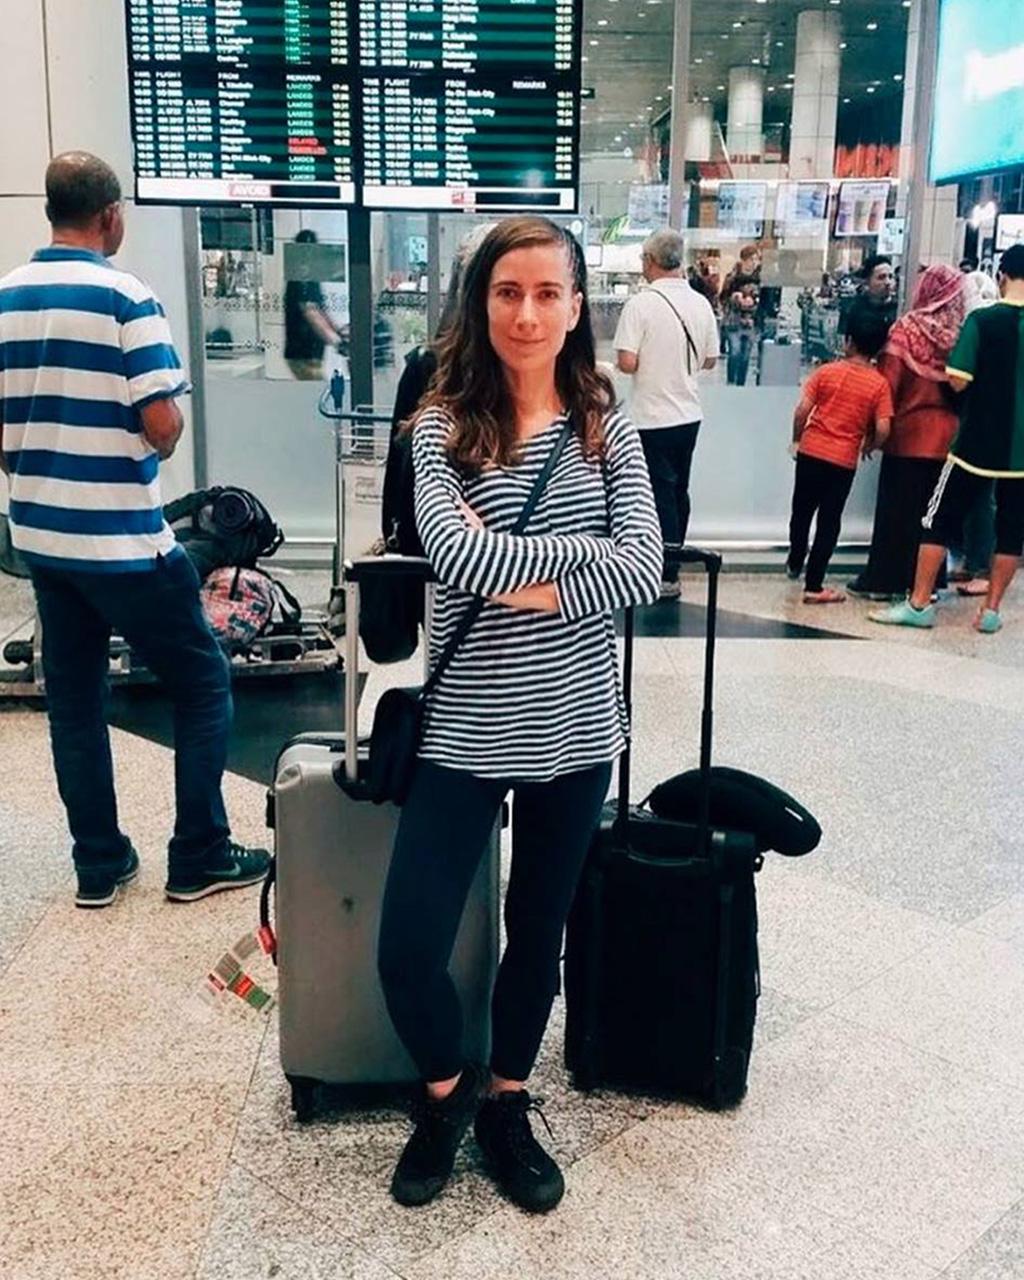 Viki at the airport